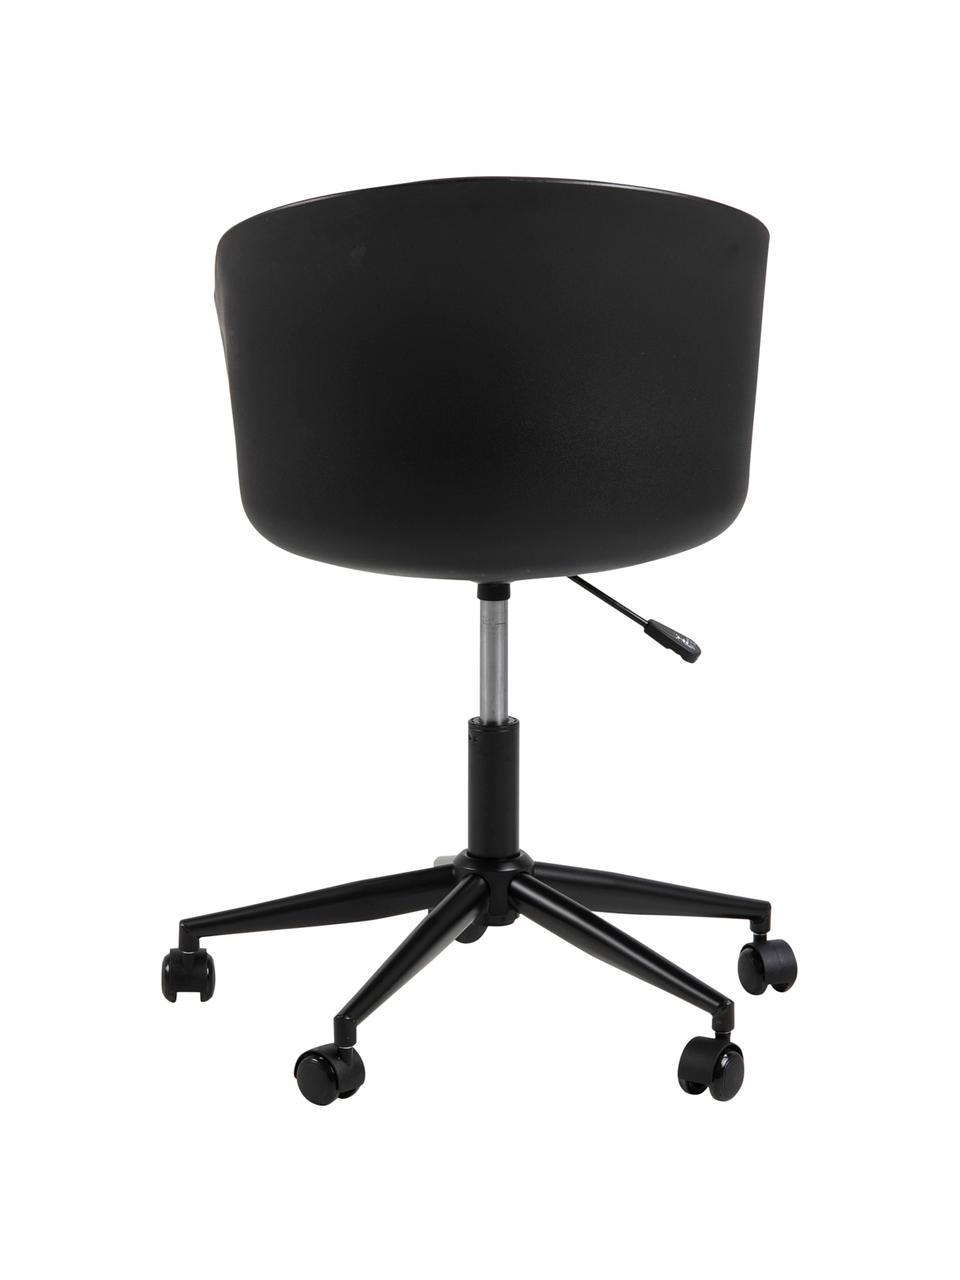 Krzesło biurowe Moon, obrotowe, Nogi: metal mosi, Stelaż: metal malowany proszkowo, Czarny, ciemnoszary, S 65 x G 65 cm